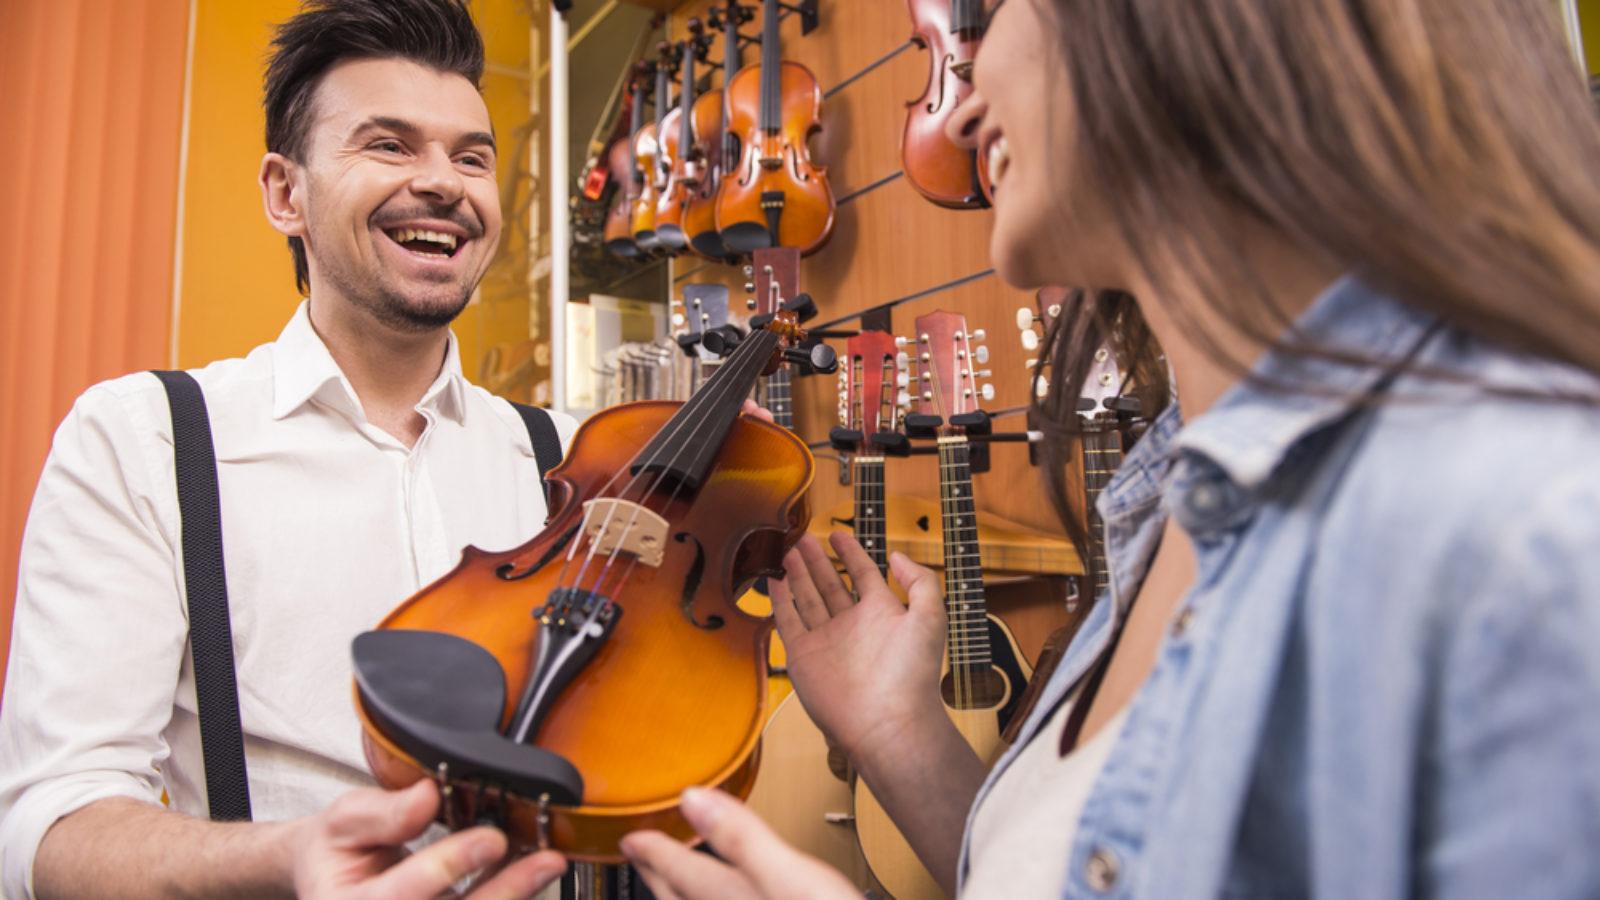 チェロをレンタルして触ってみよう!教室でレッスン時に借りるor楽器屋で1ヶ月借りる